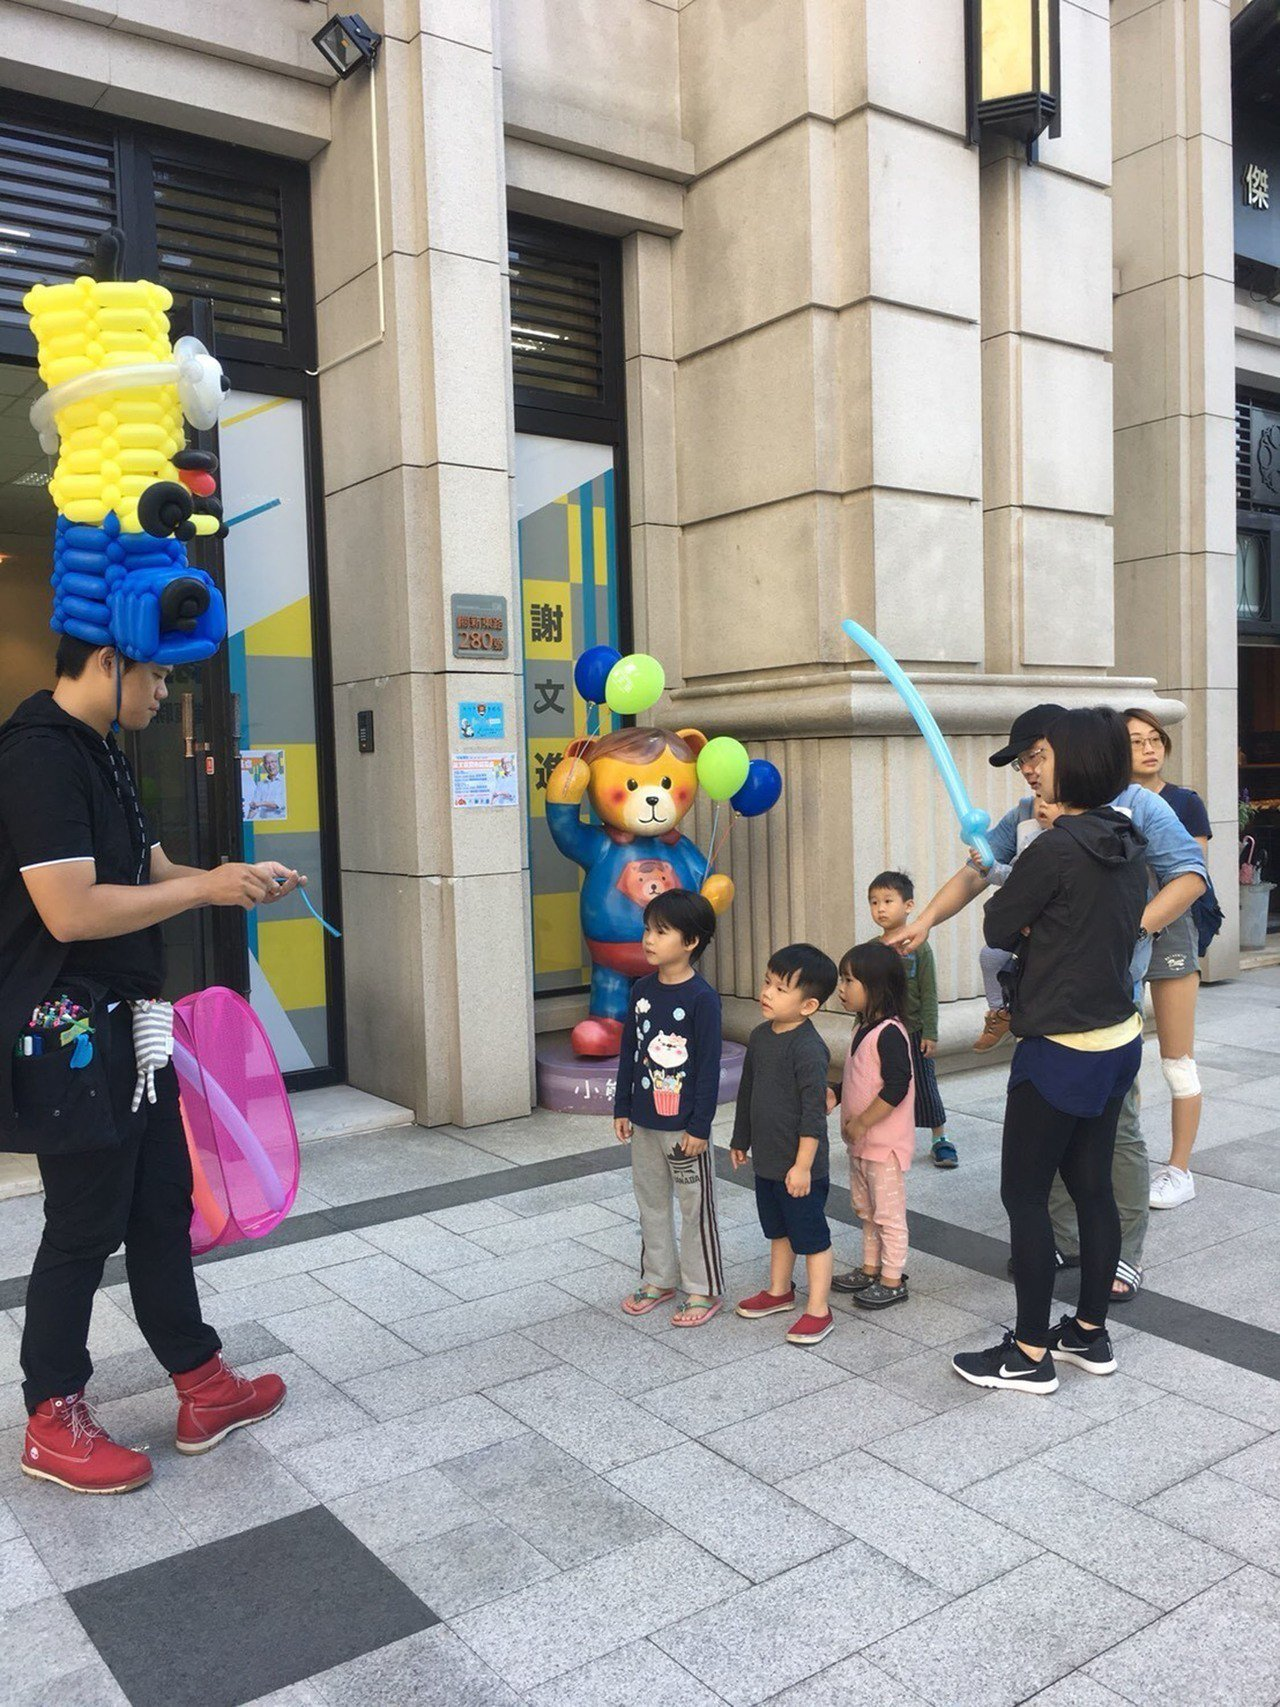 無黨籍新竹市長參選人謝文進競選總部25日表示,氣球是小朋友們的最愛,近期每個週末...